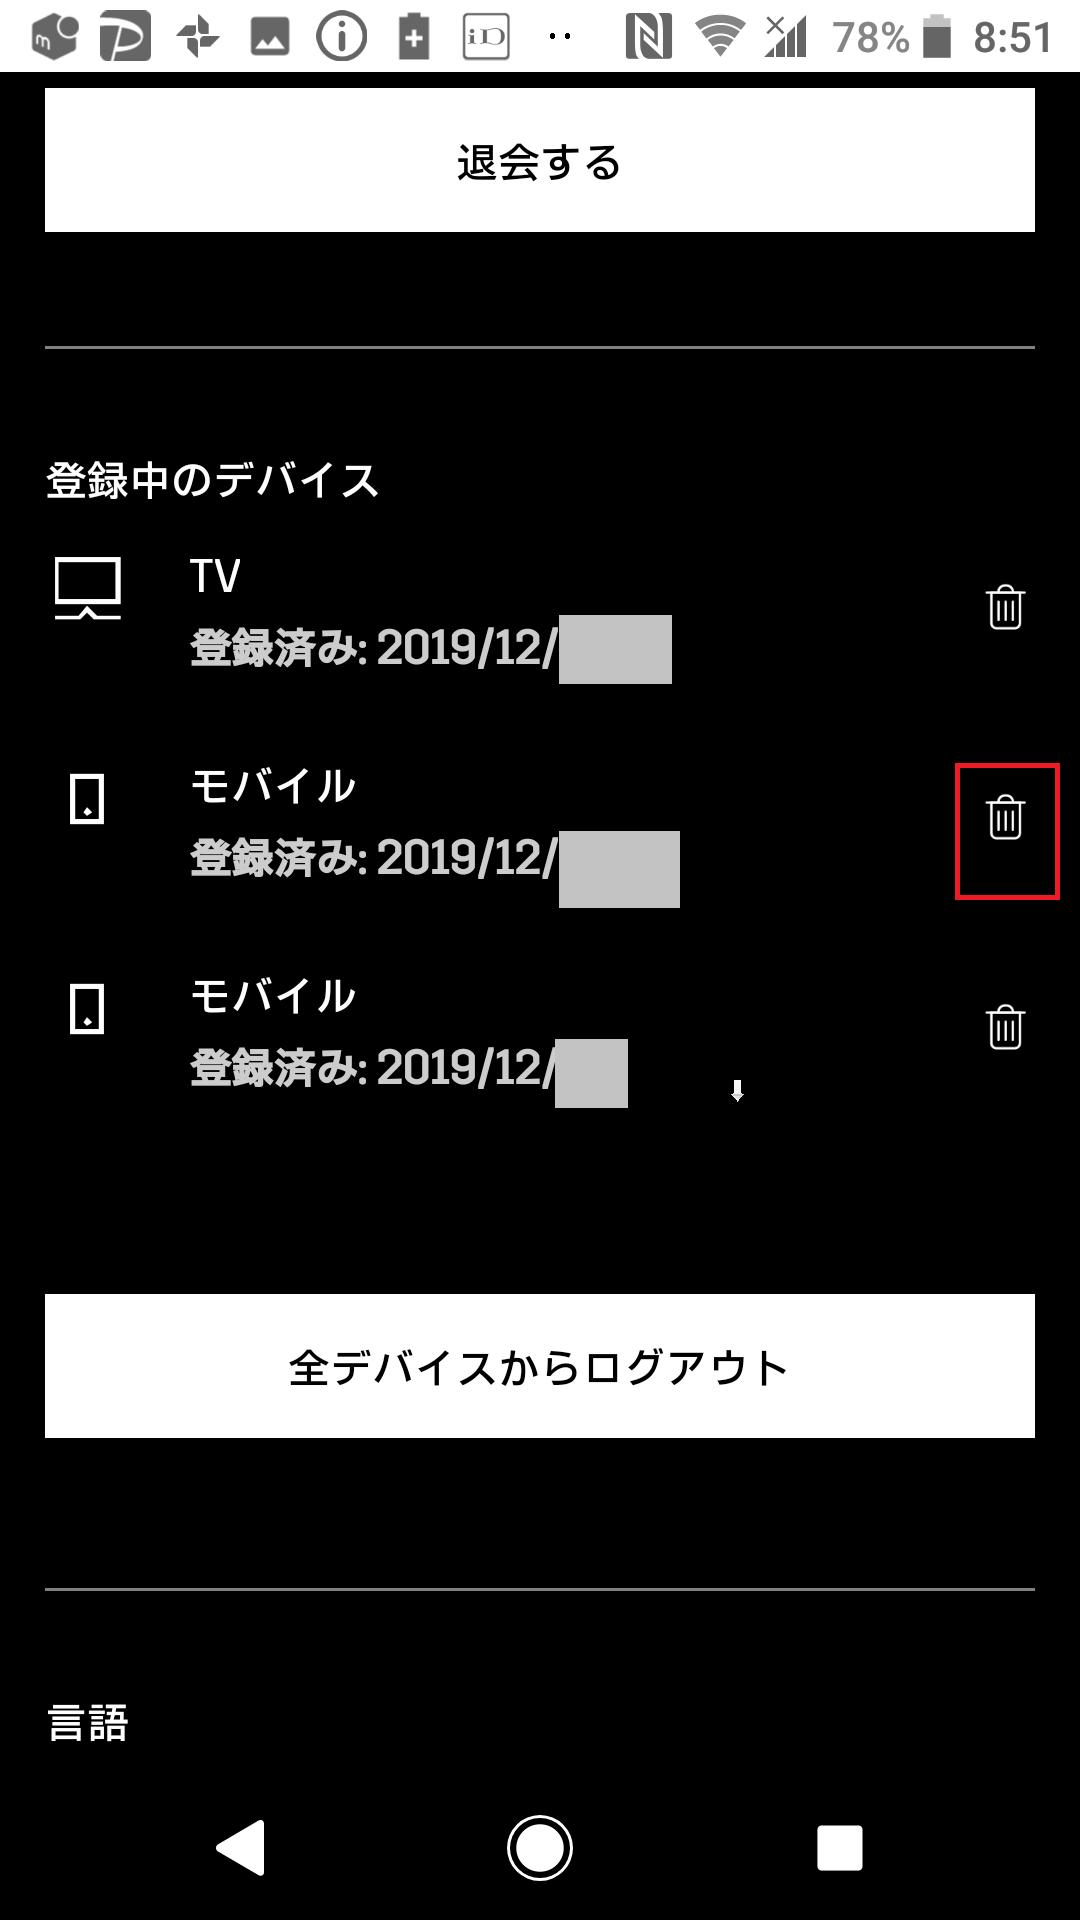 DAZNで複数端末からの同時視聴はできる登録デバイス確認、削除方法の手順画像_6